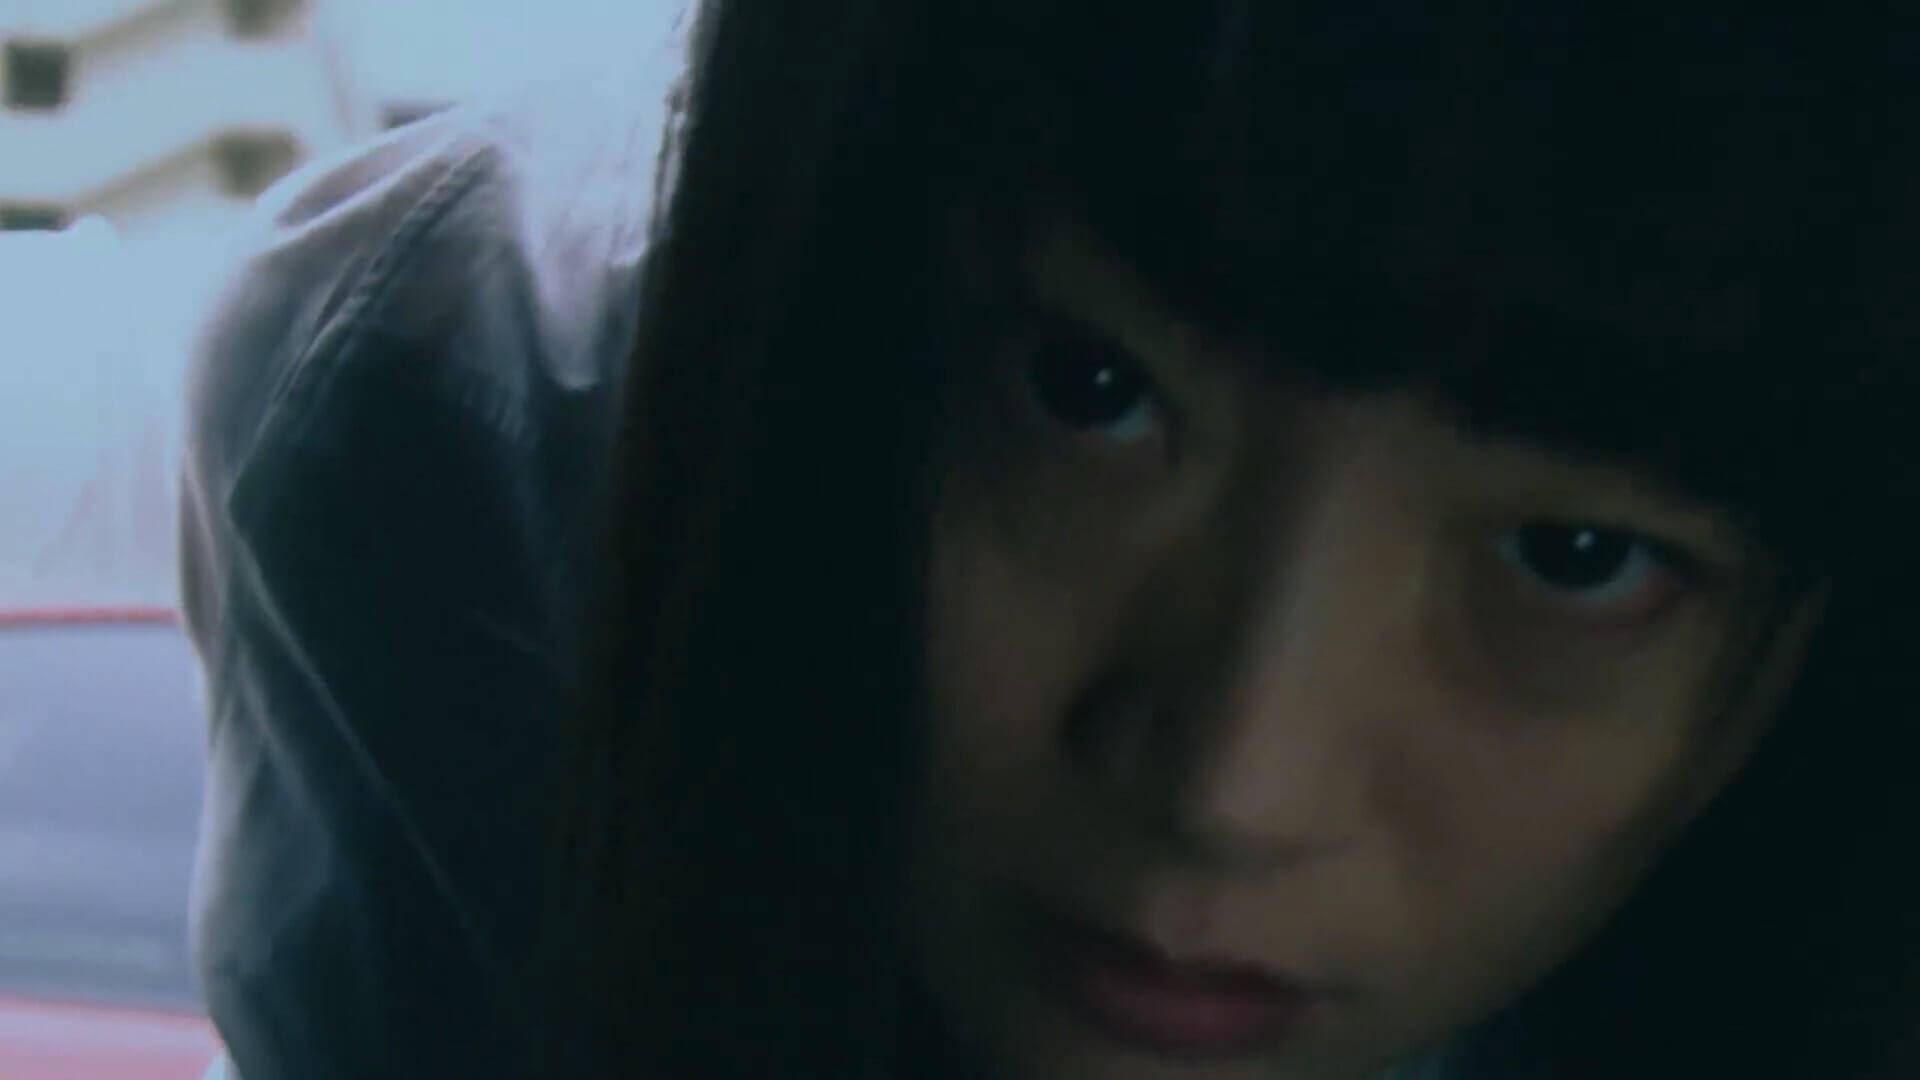 岡山のヤバすぎる安全運転のCM…そしてそれにちなんだキャンペーン情報